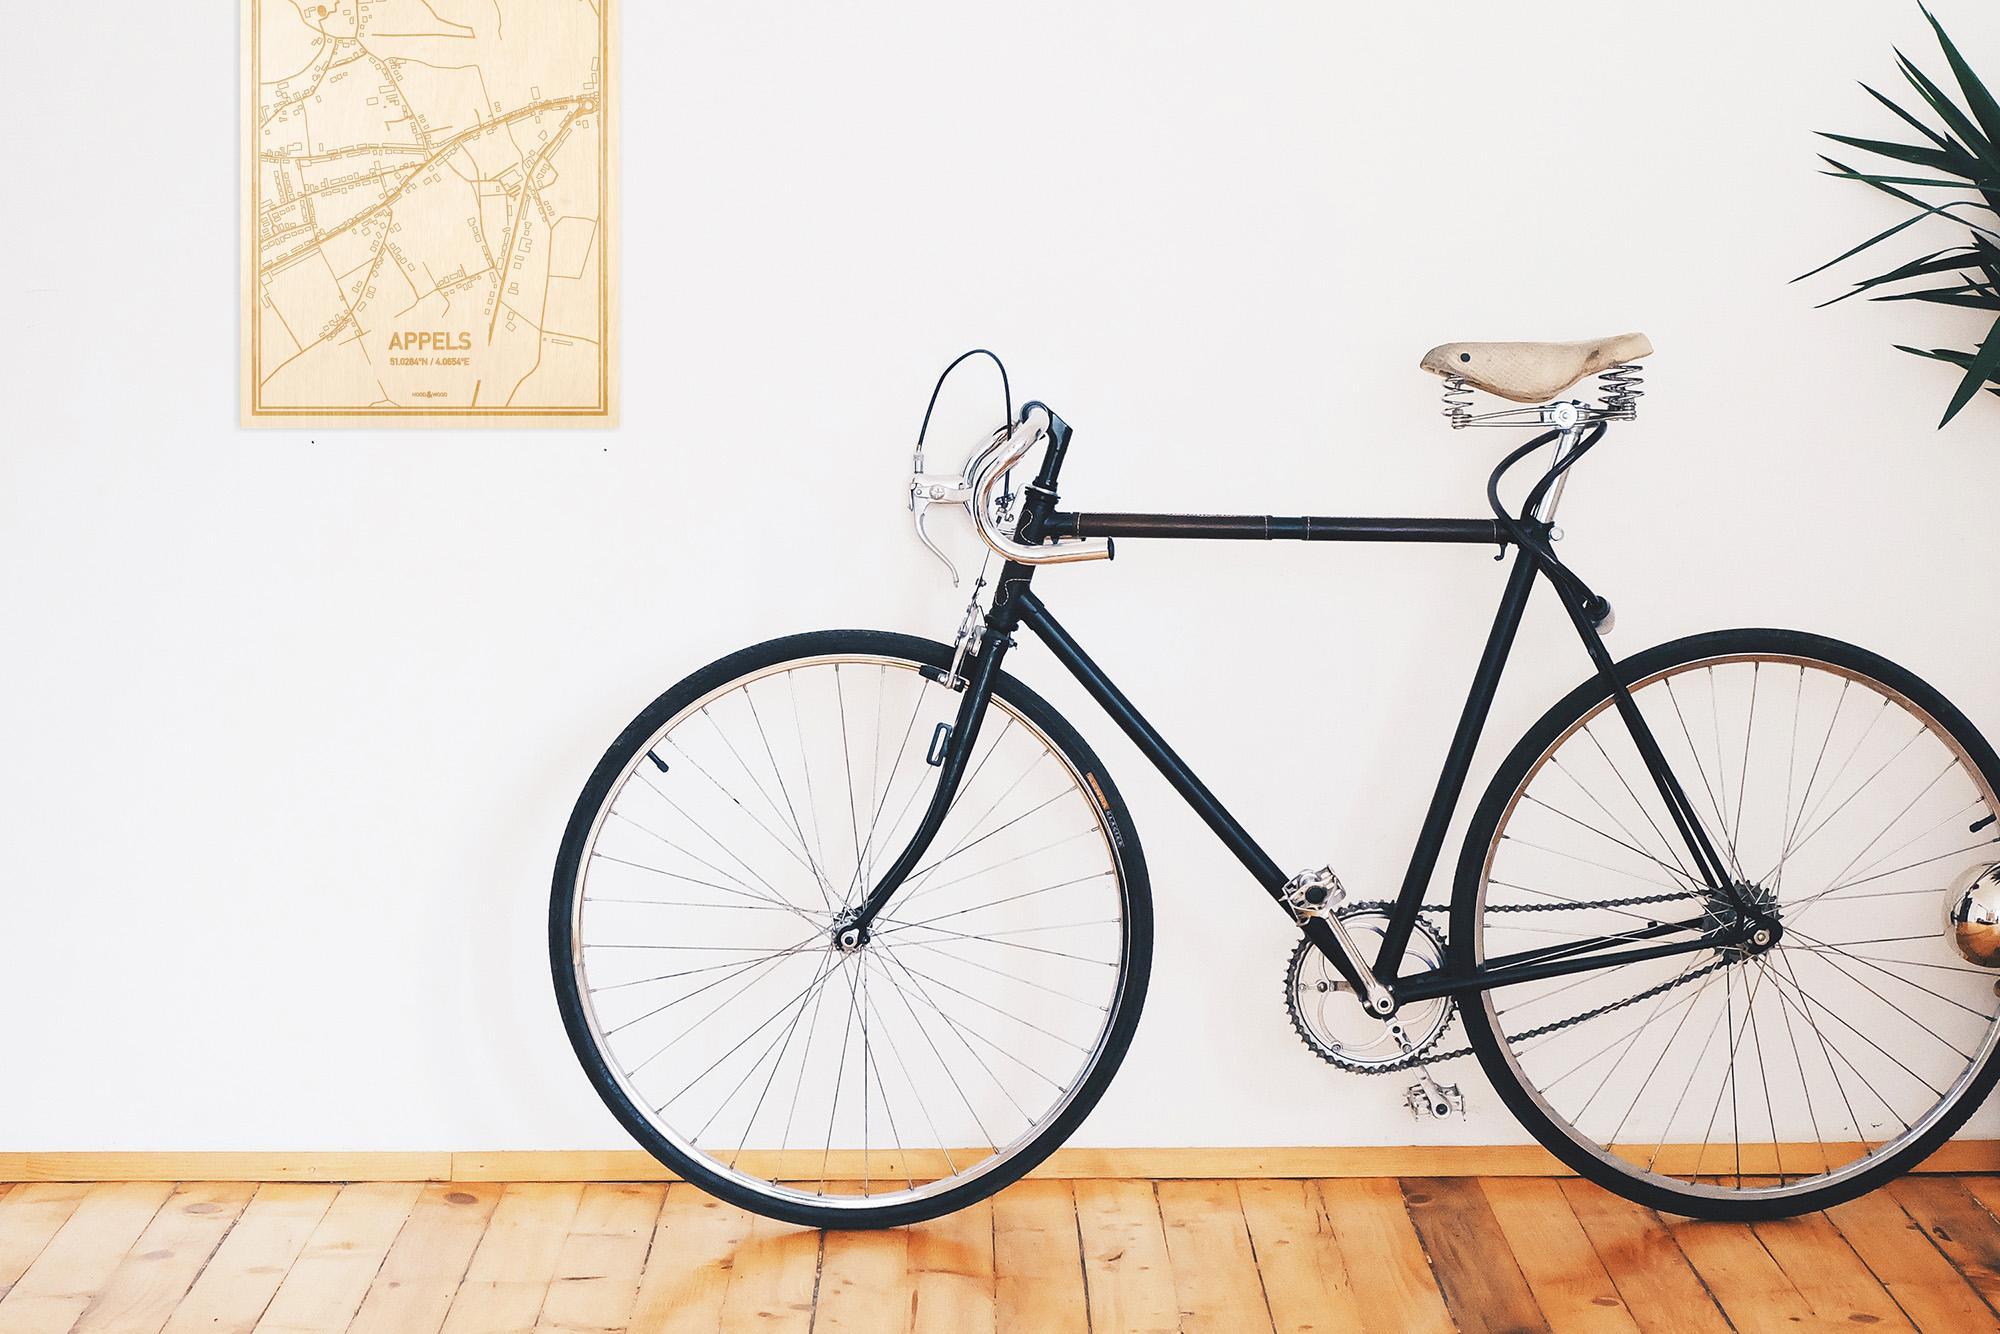 Een snelle fiets in een uniek interieur in Oost-Vlaanderen  met mooie decoratie zoals de plattegrond Appels.